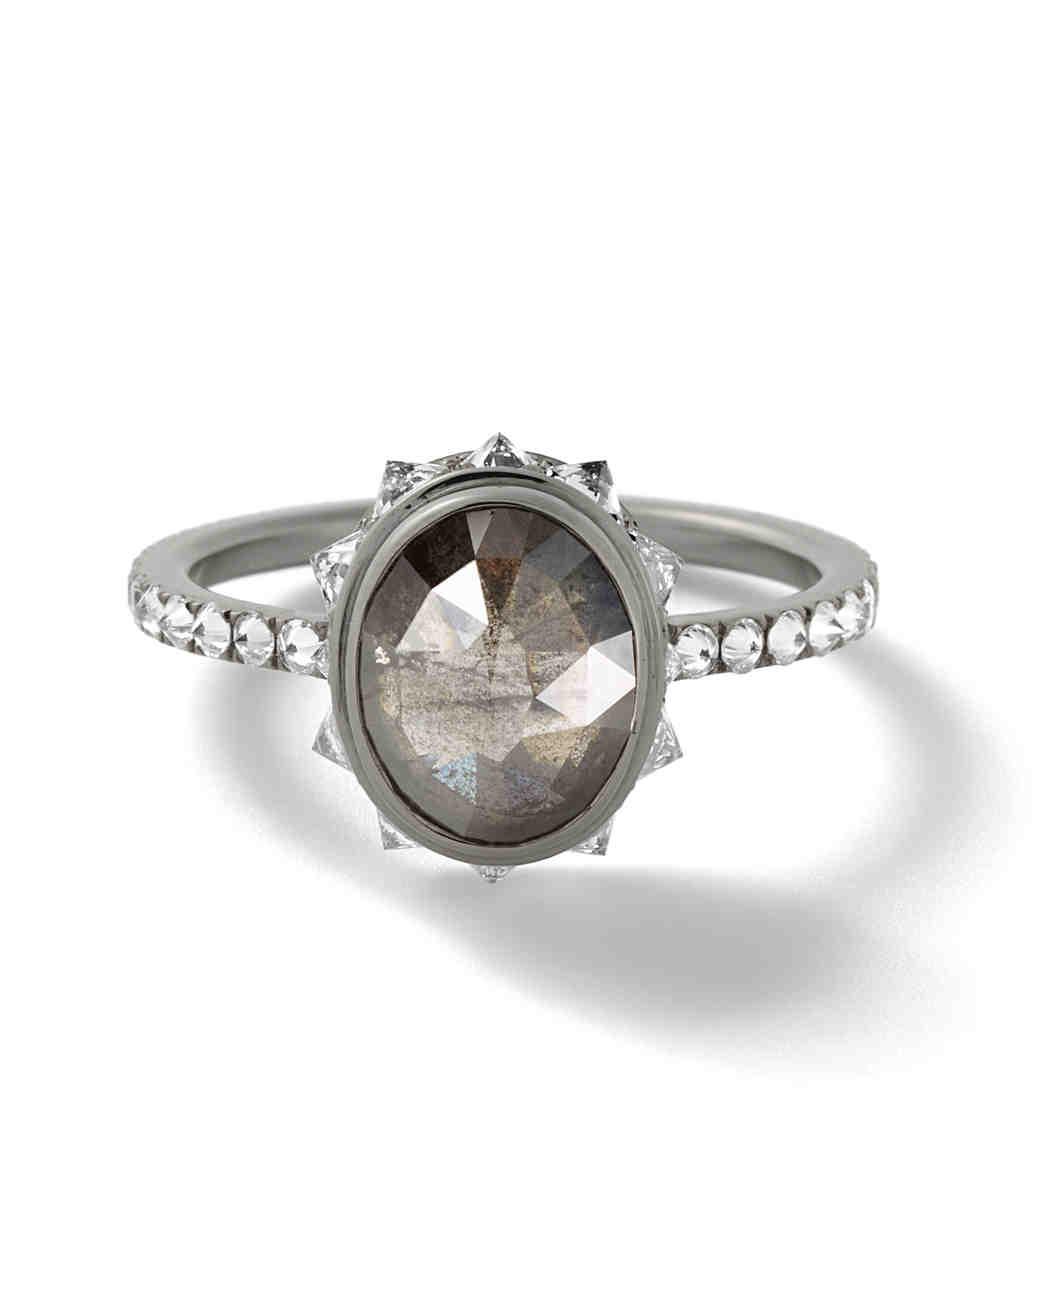 engagement-ring-trends-eva-fehren-nirvana-1215.jpg